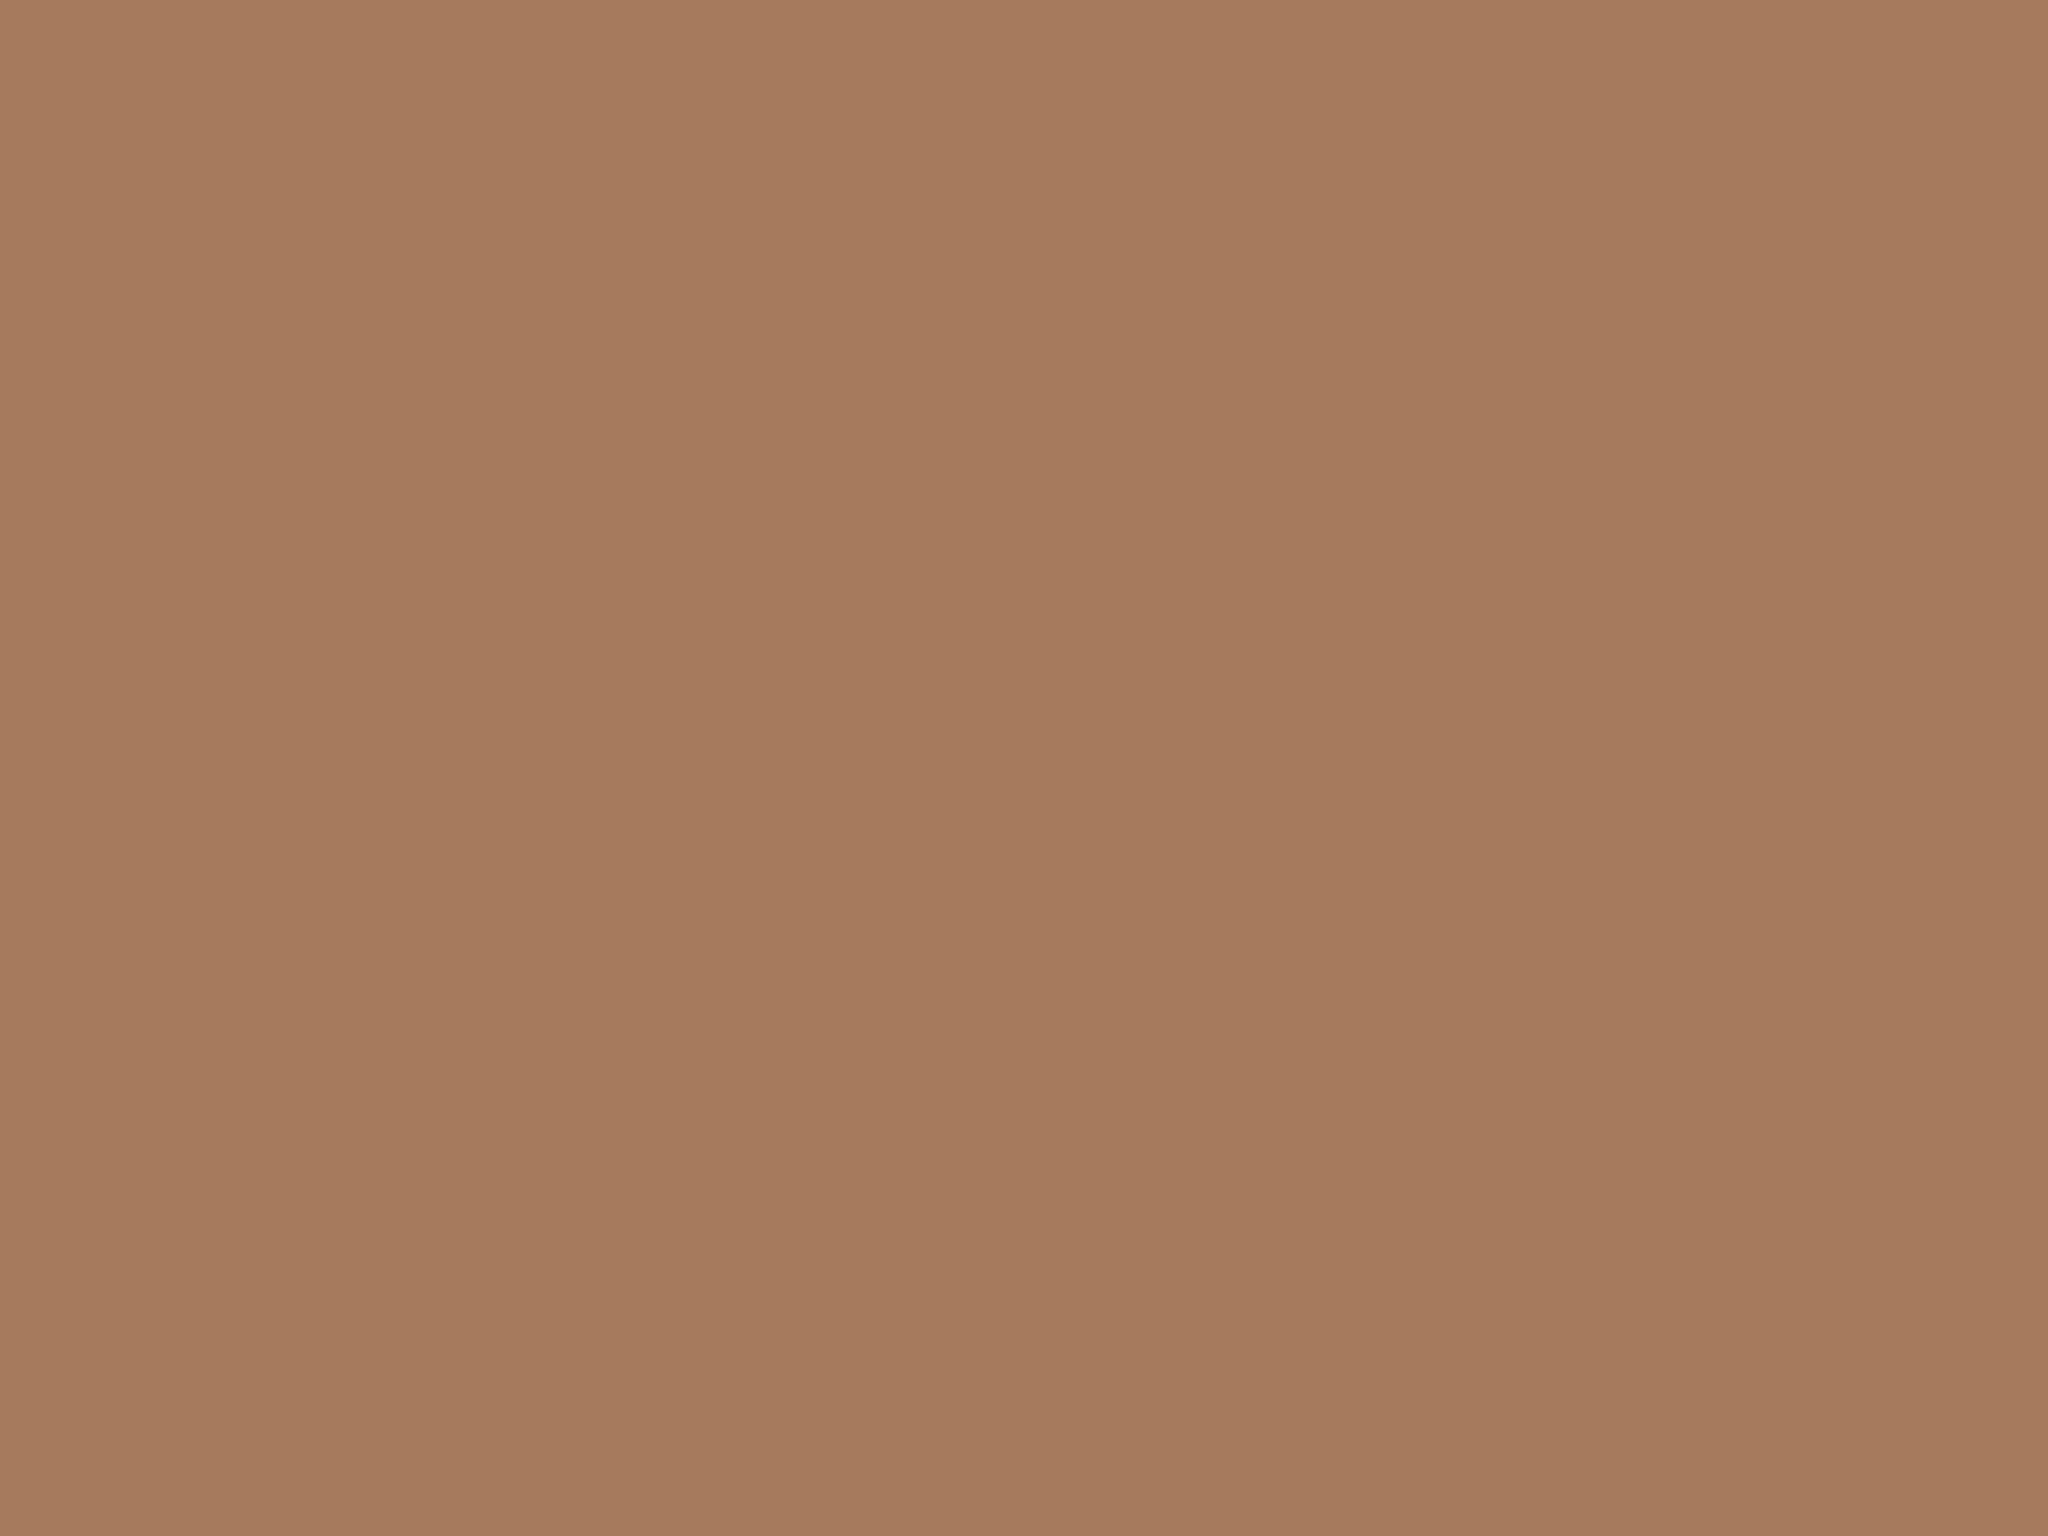 2048x1536 Cafe Au Lait Solid Color Background